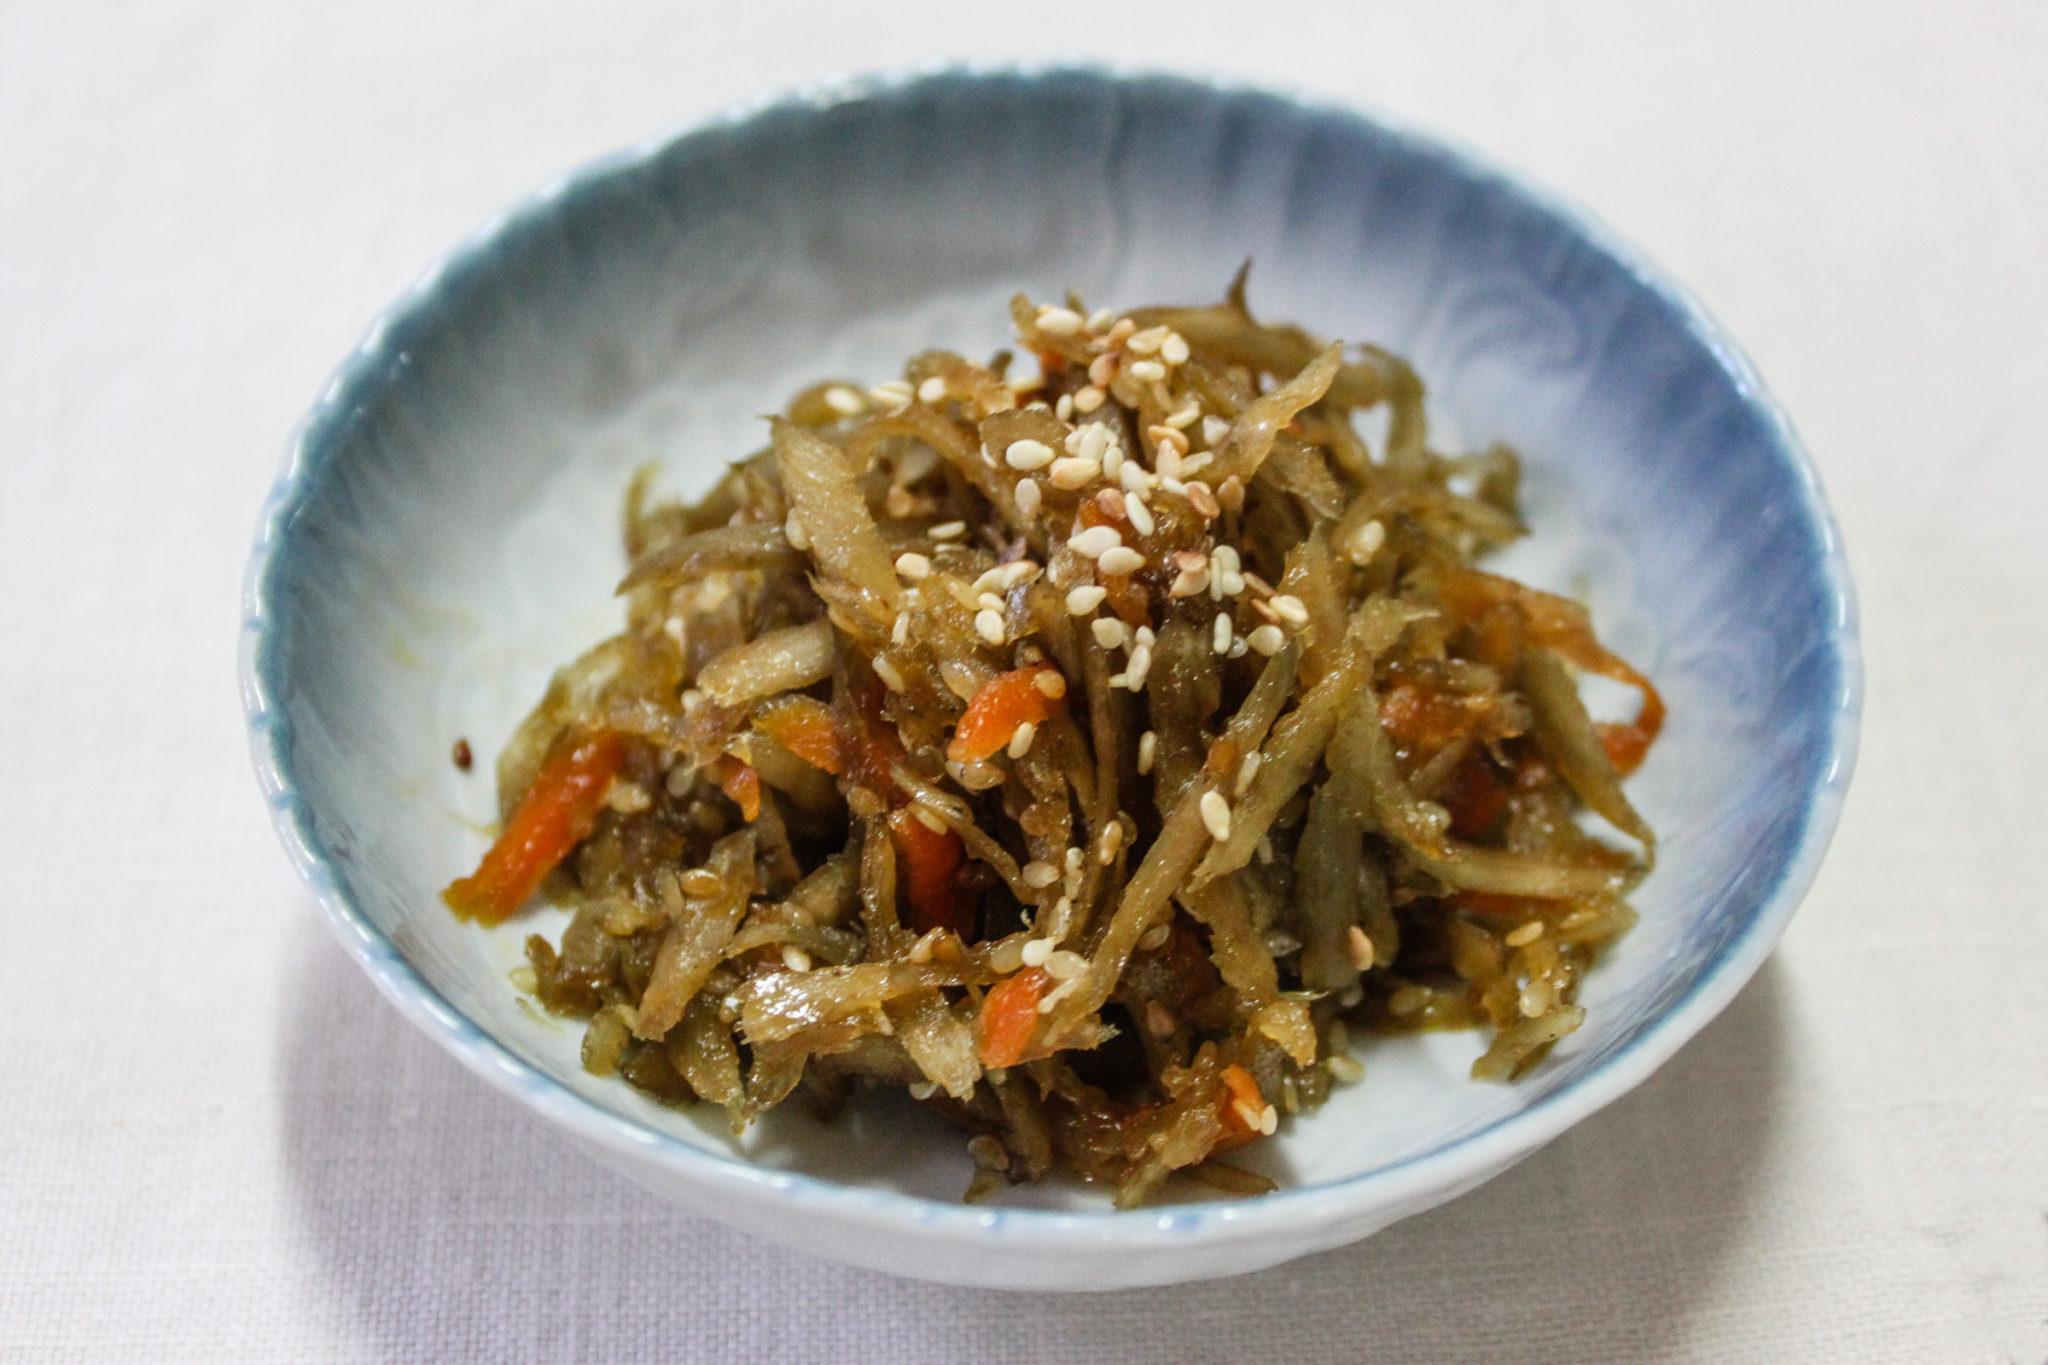 Kimpira Gobo - japoński łopian z marchewką oraz sezamem